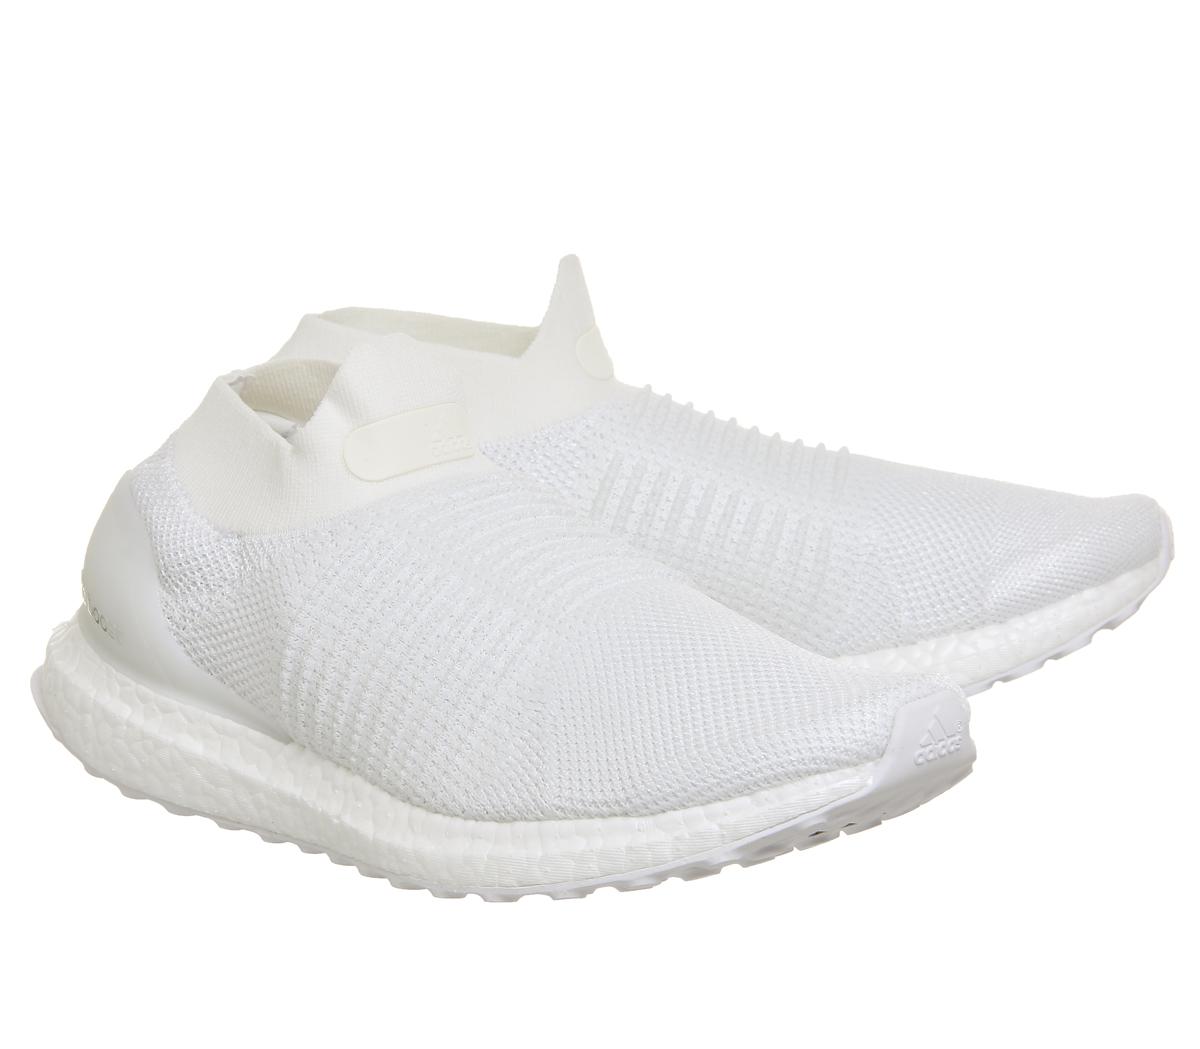 Adidas Ultra Verstärkung ohne Spitze weiß Turn Schuhe